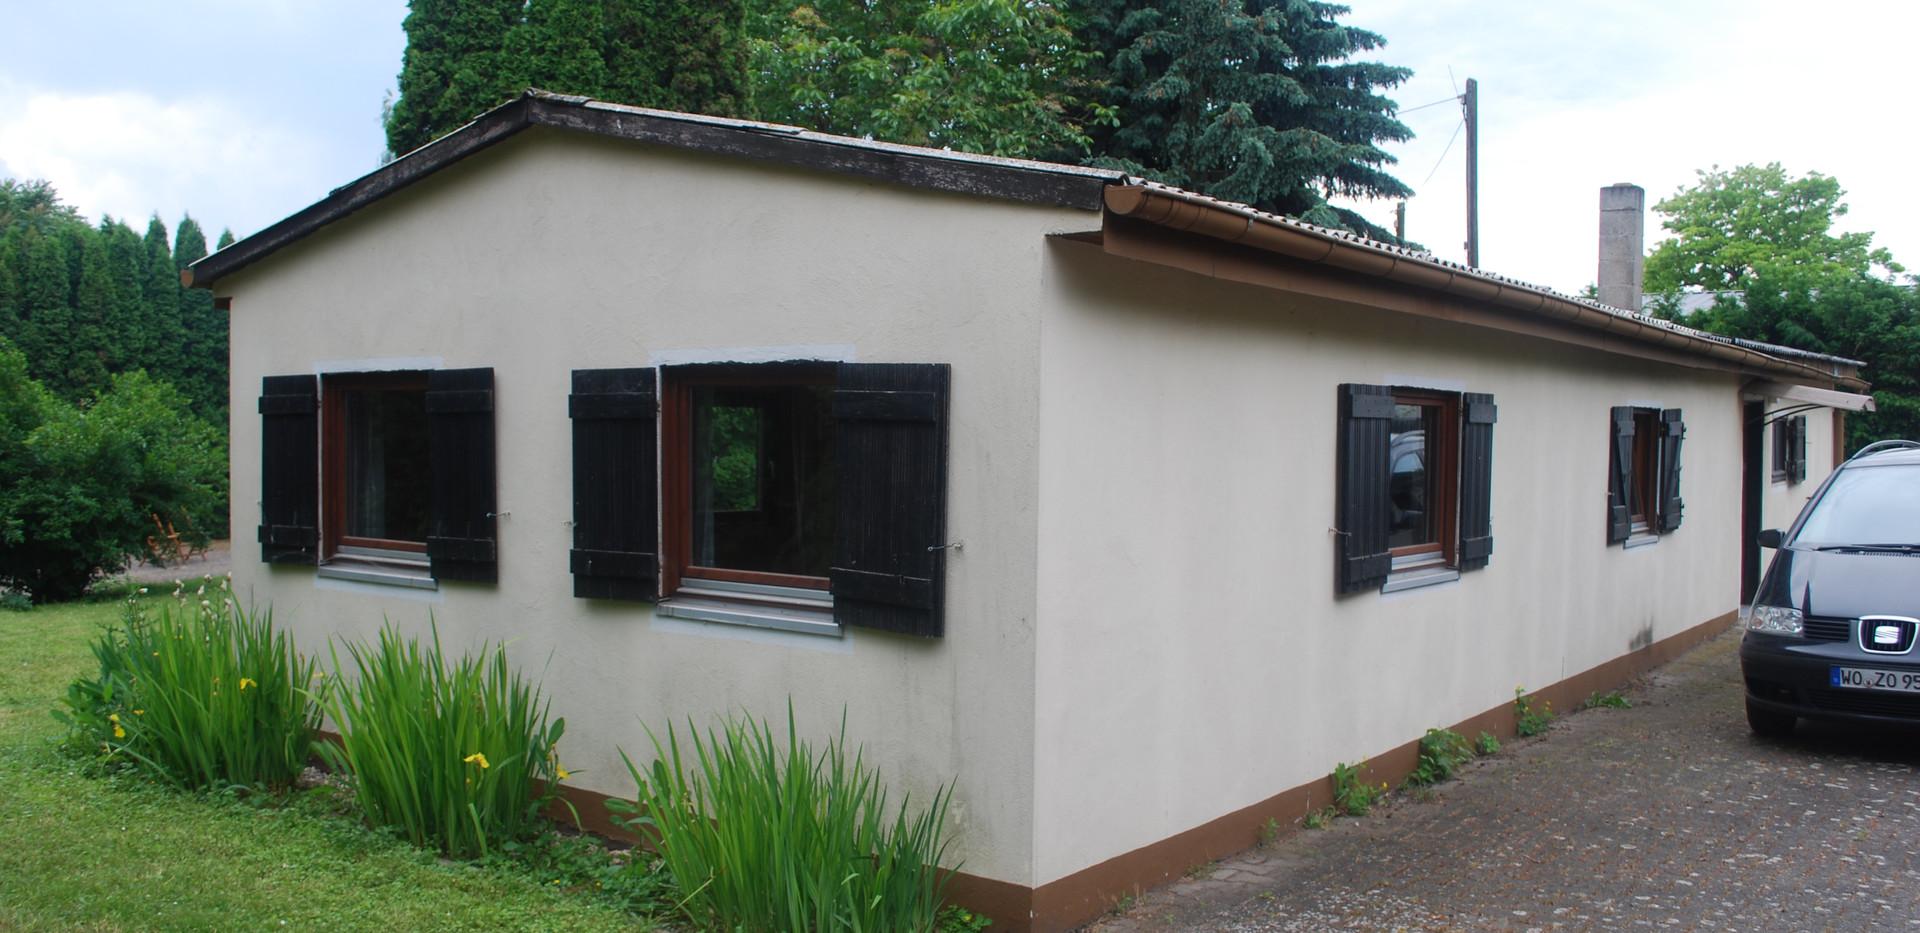 Heidehaus außen (3).JPG